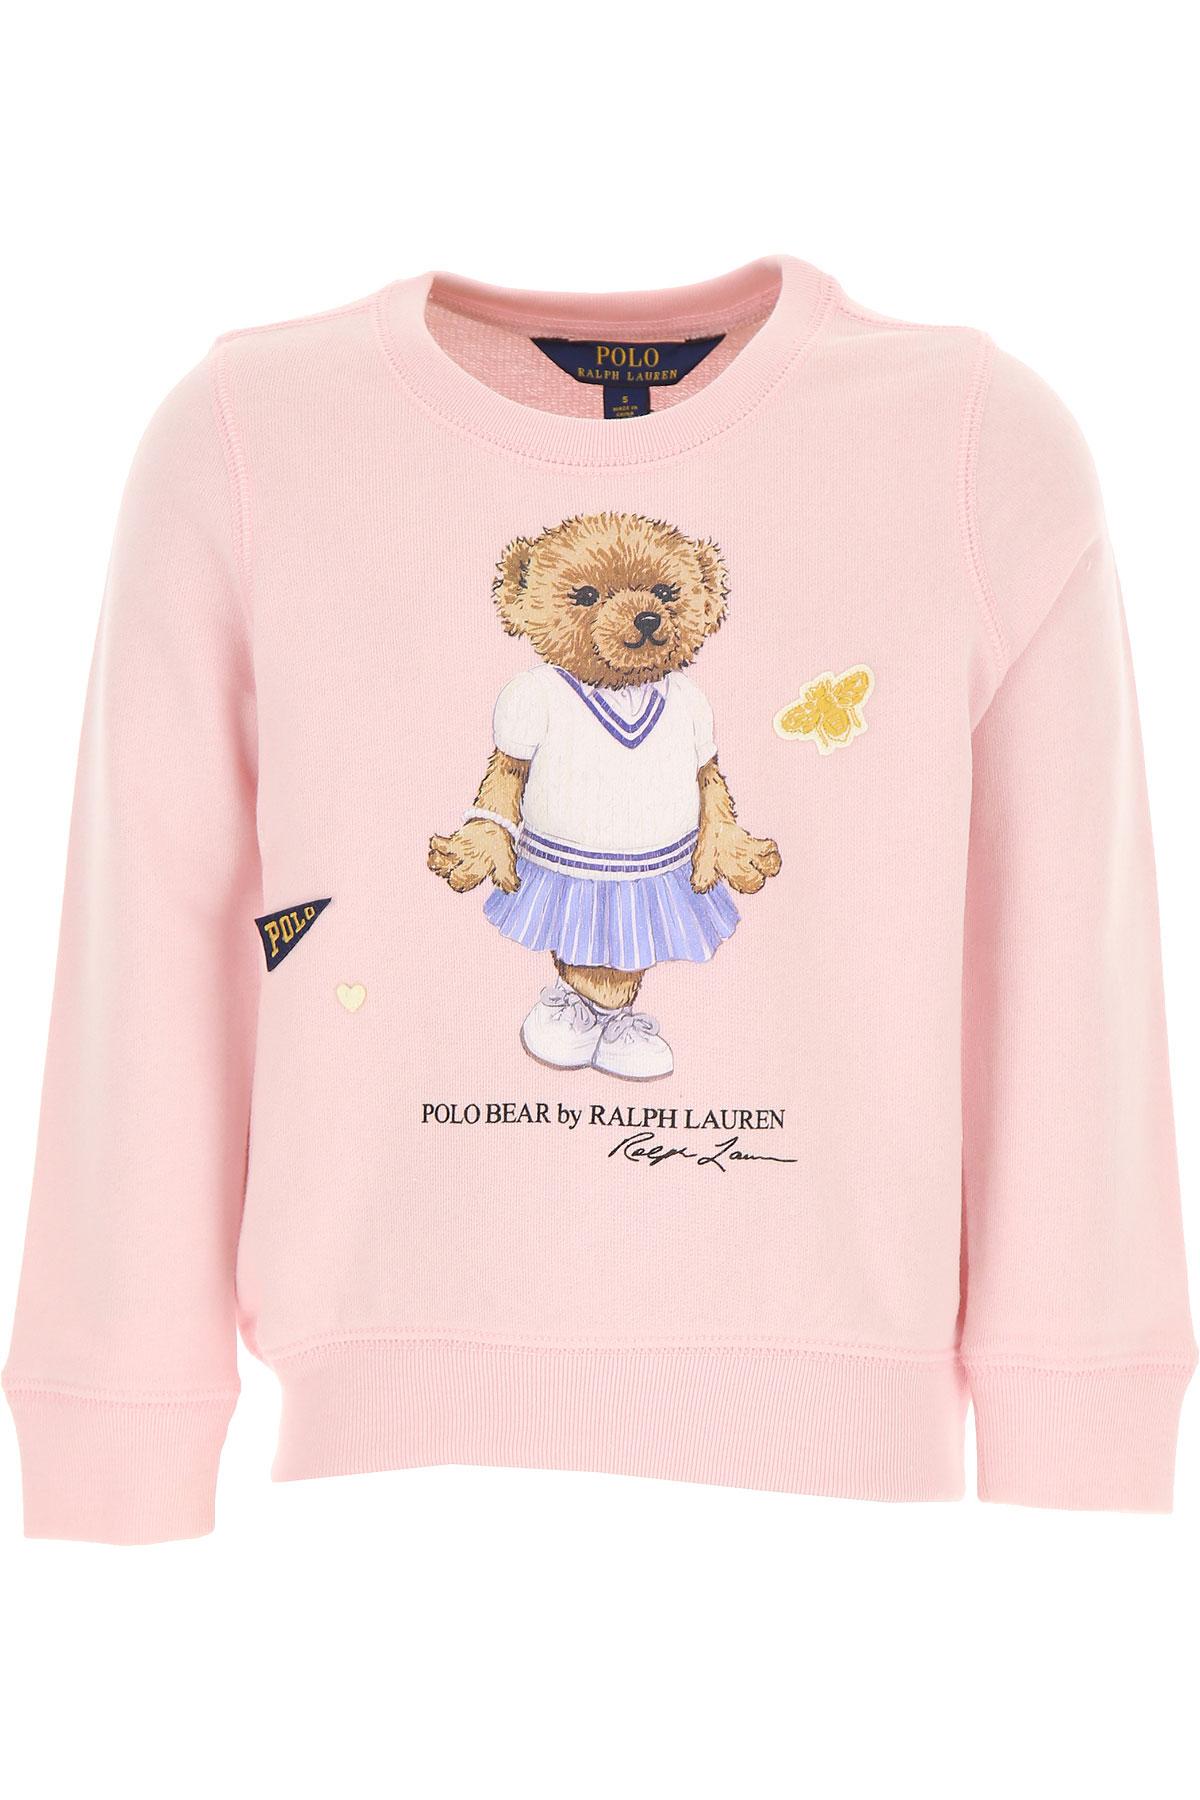 Ralph Lauren Sweatshirts Et Hoodies Enfant Pour Fille Pas Cher En Soldes, Rose, Coton, 2019, 5Y 6Y